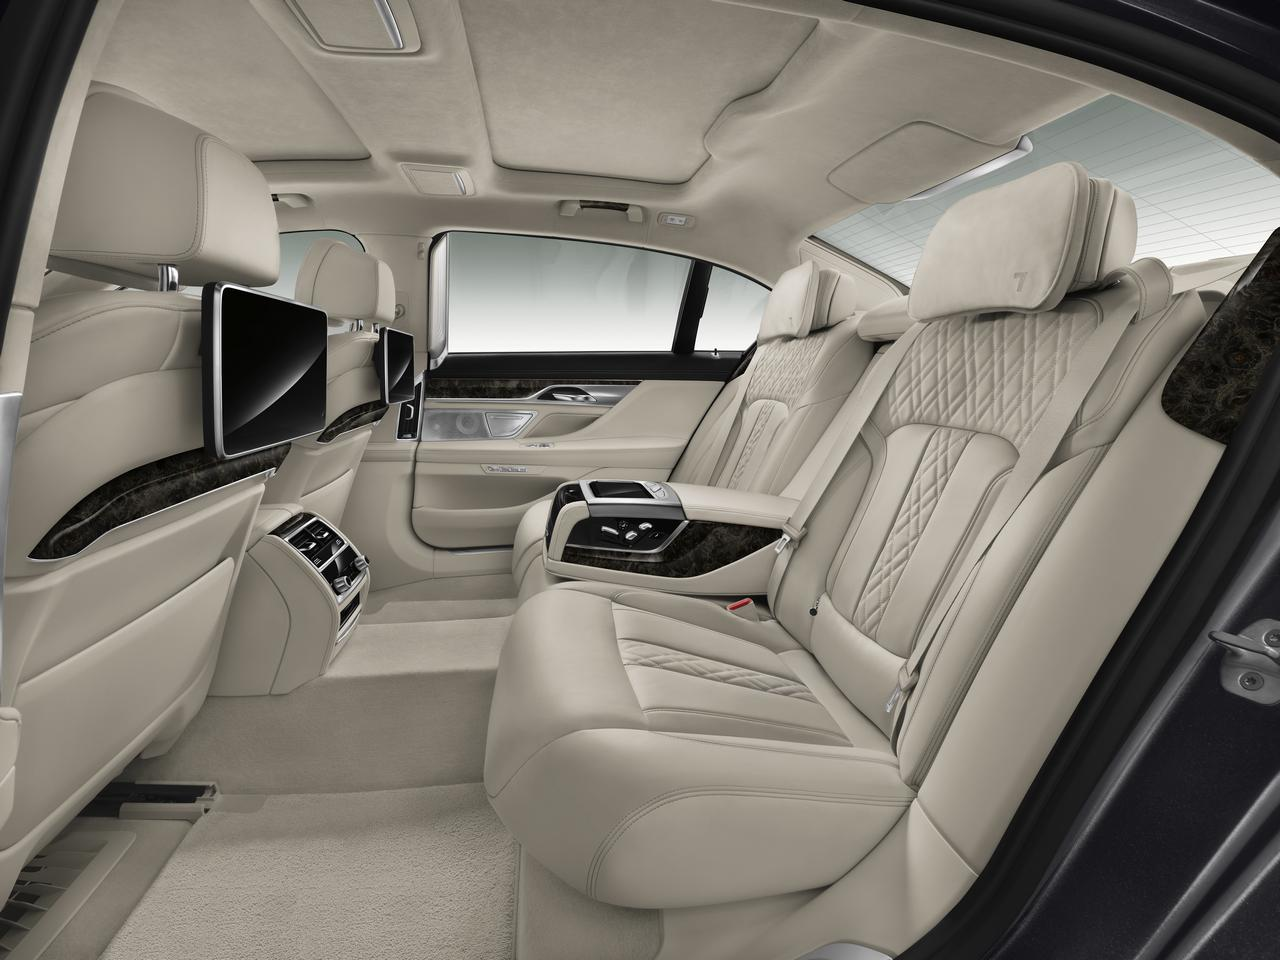 BMW-Serie-7-abitacolo-cockpit-prezzo-price-0-100_10